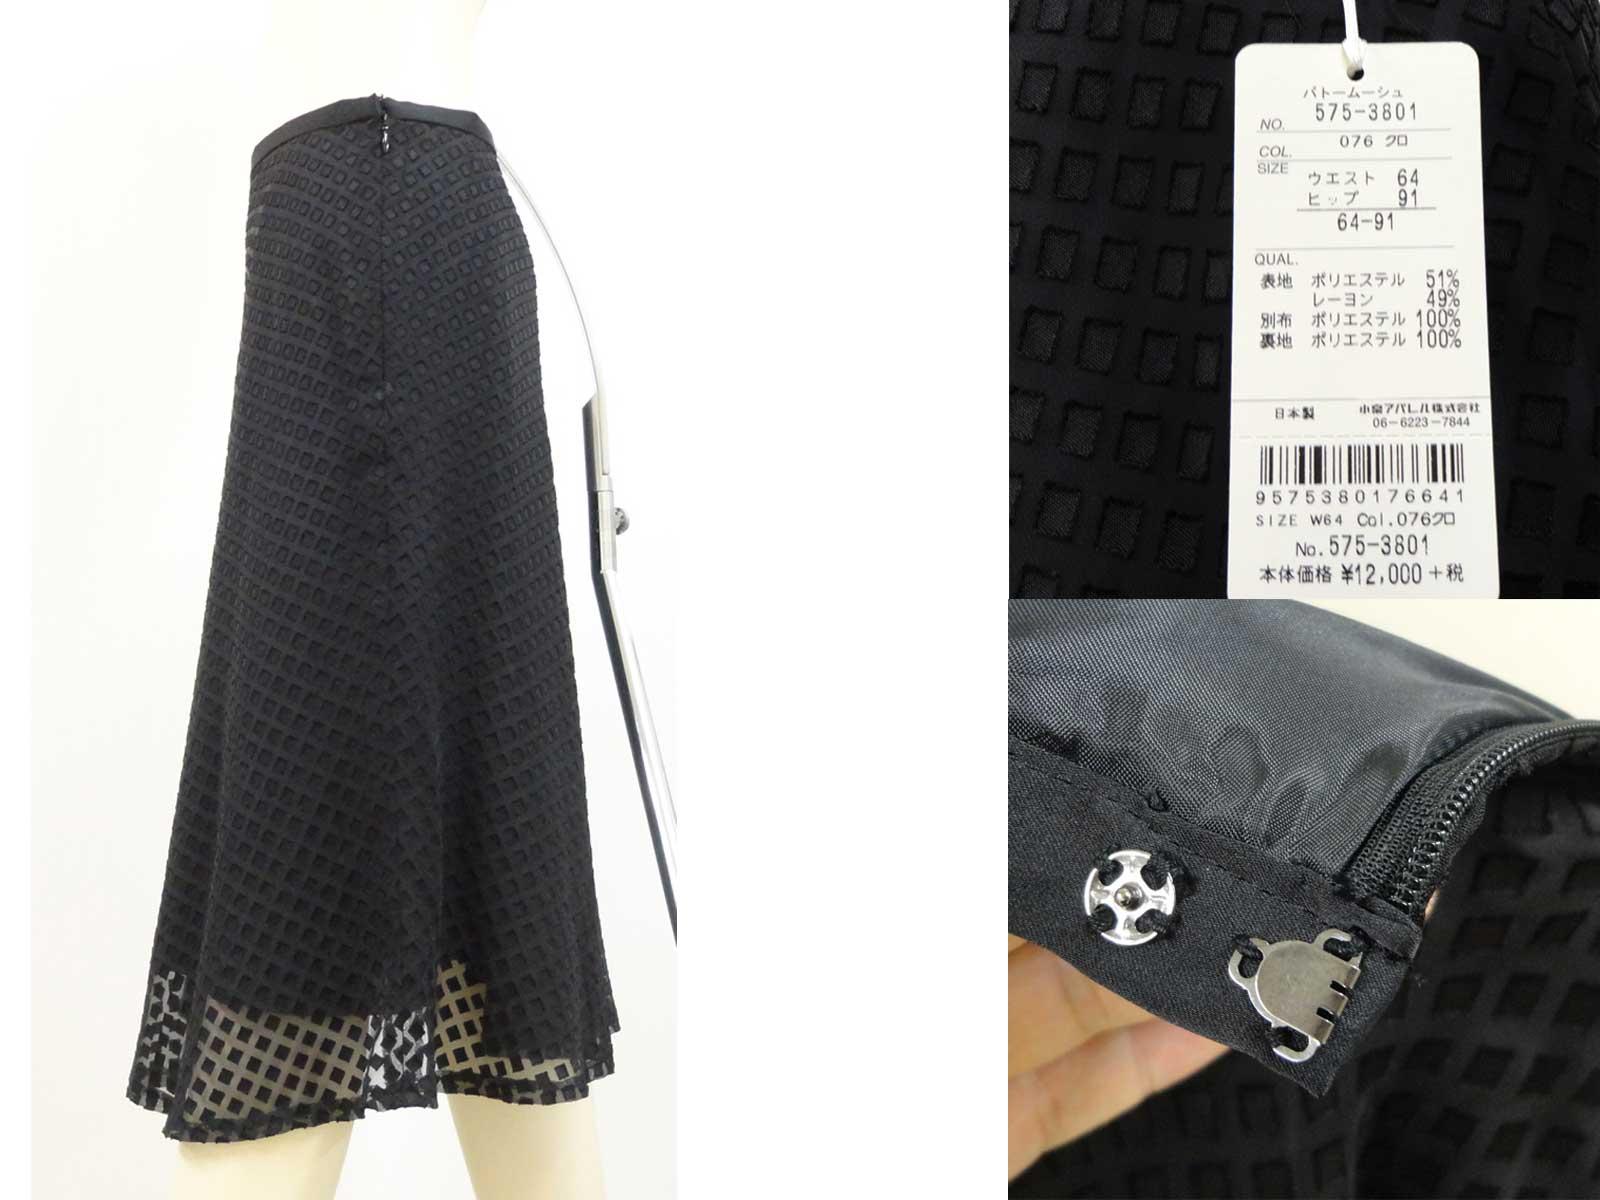 801スカート黒b4